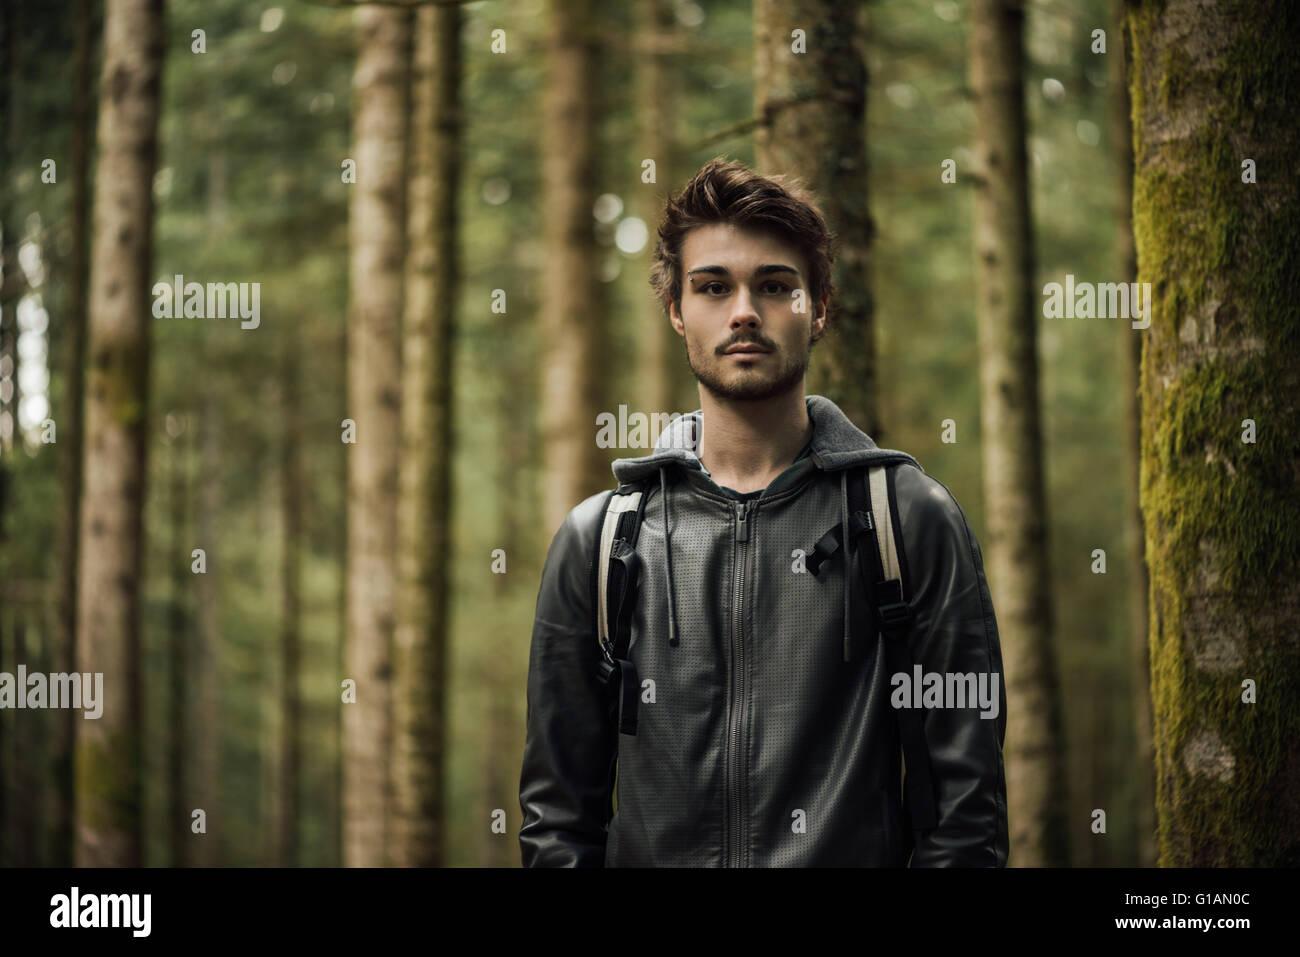 Joven apuesto hombre explorando un bosque, él está mirando a la cámara Imagen De Stock